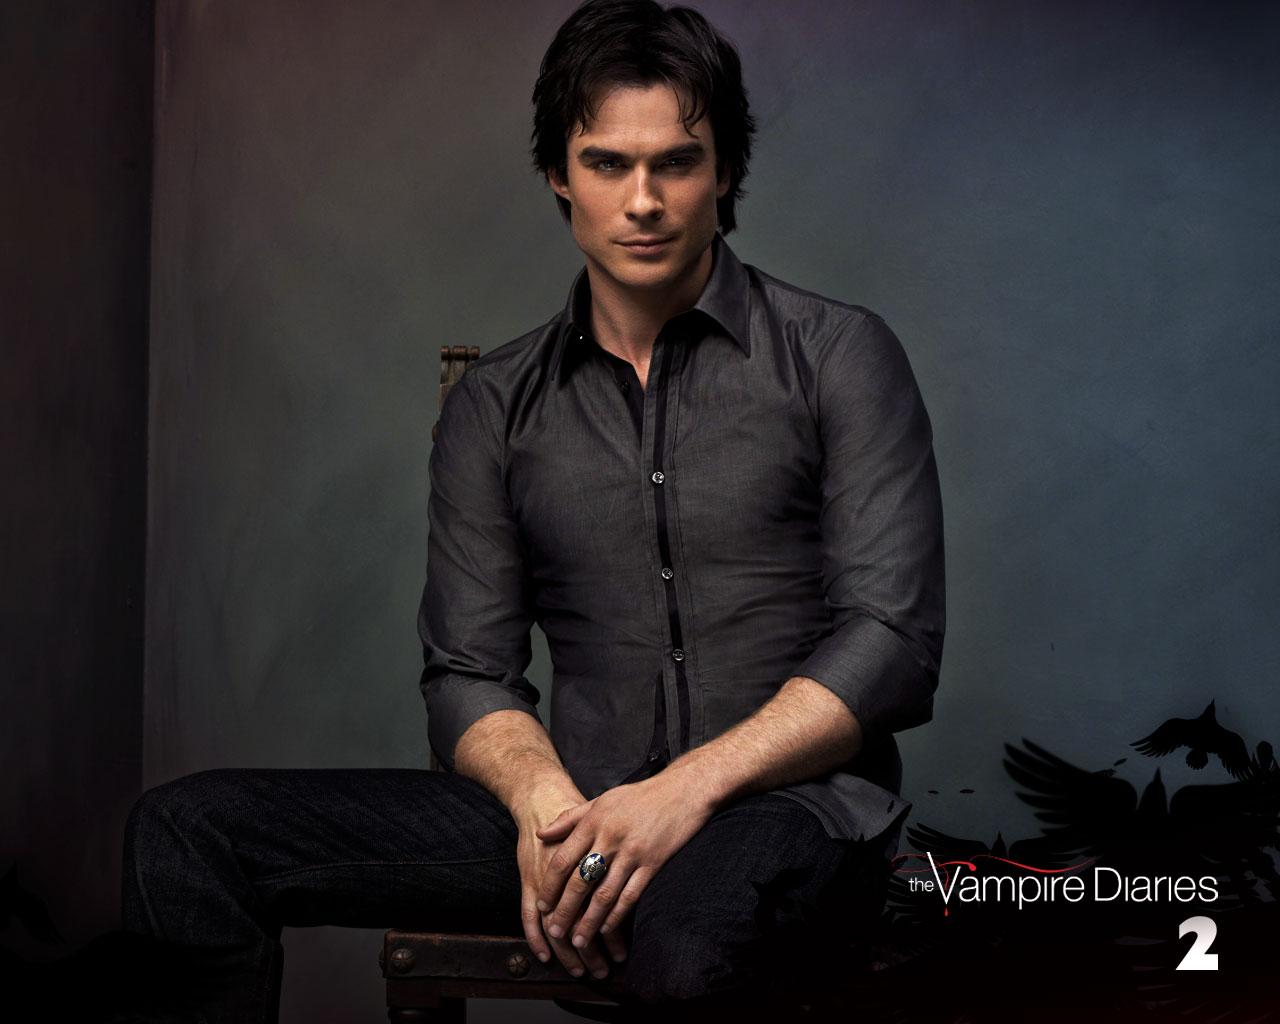 The Vampire Diaries Damon Wallpaper The vampire diaries damon 1280x1024